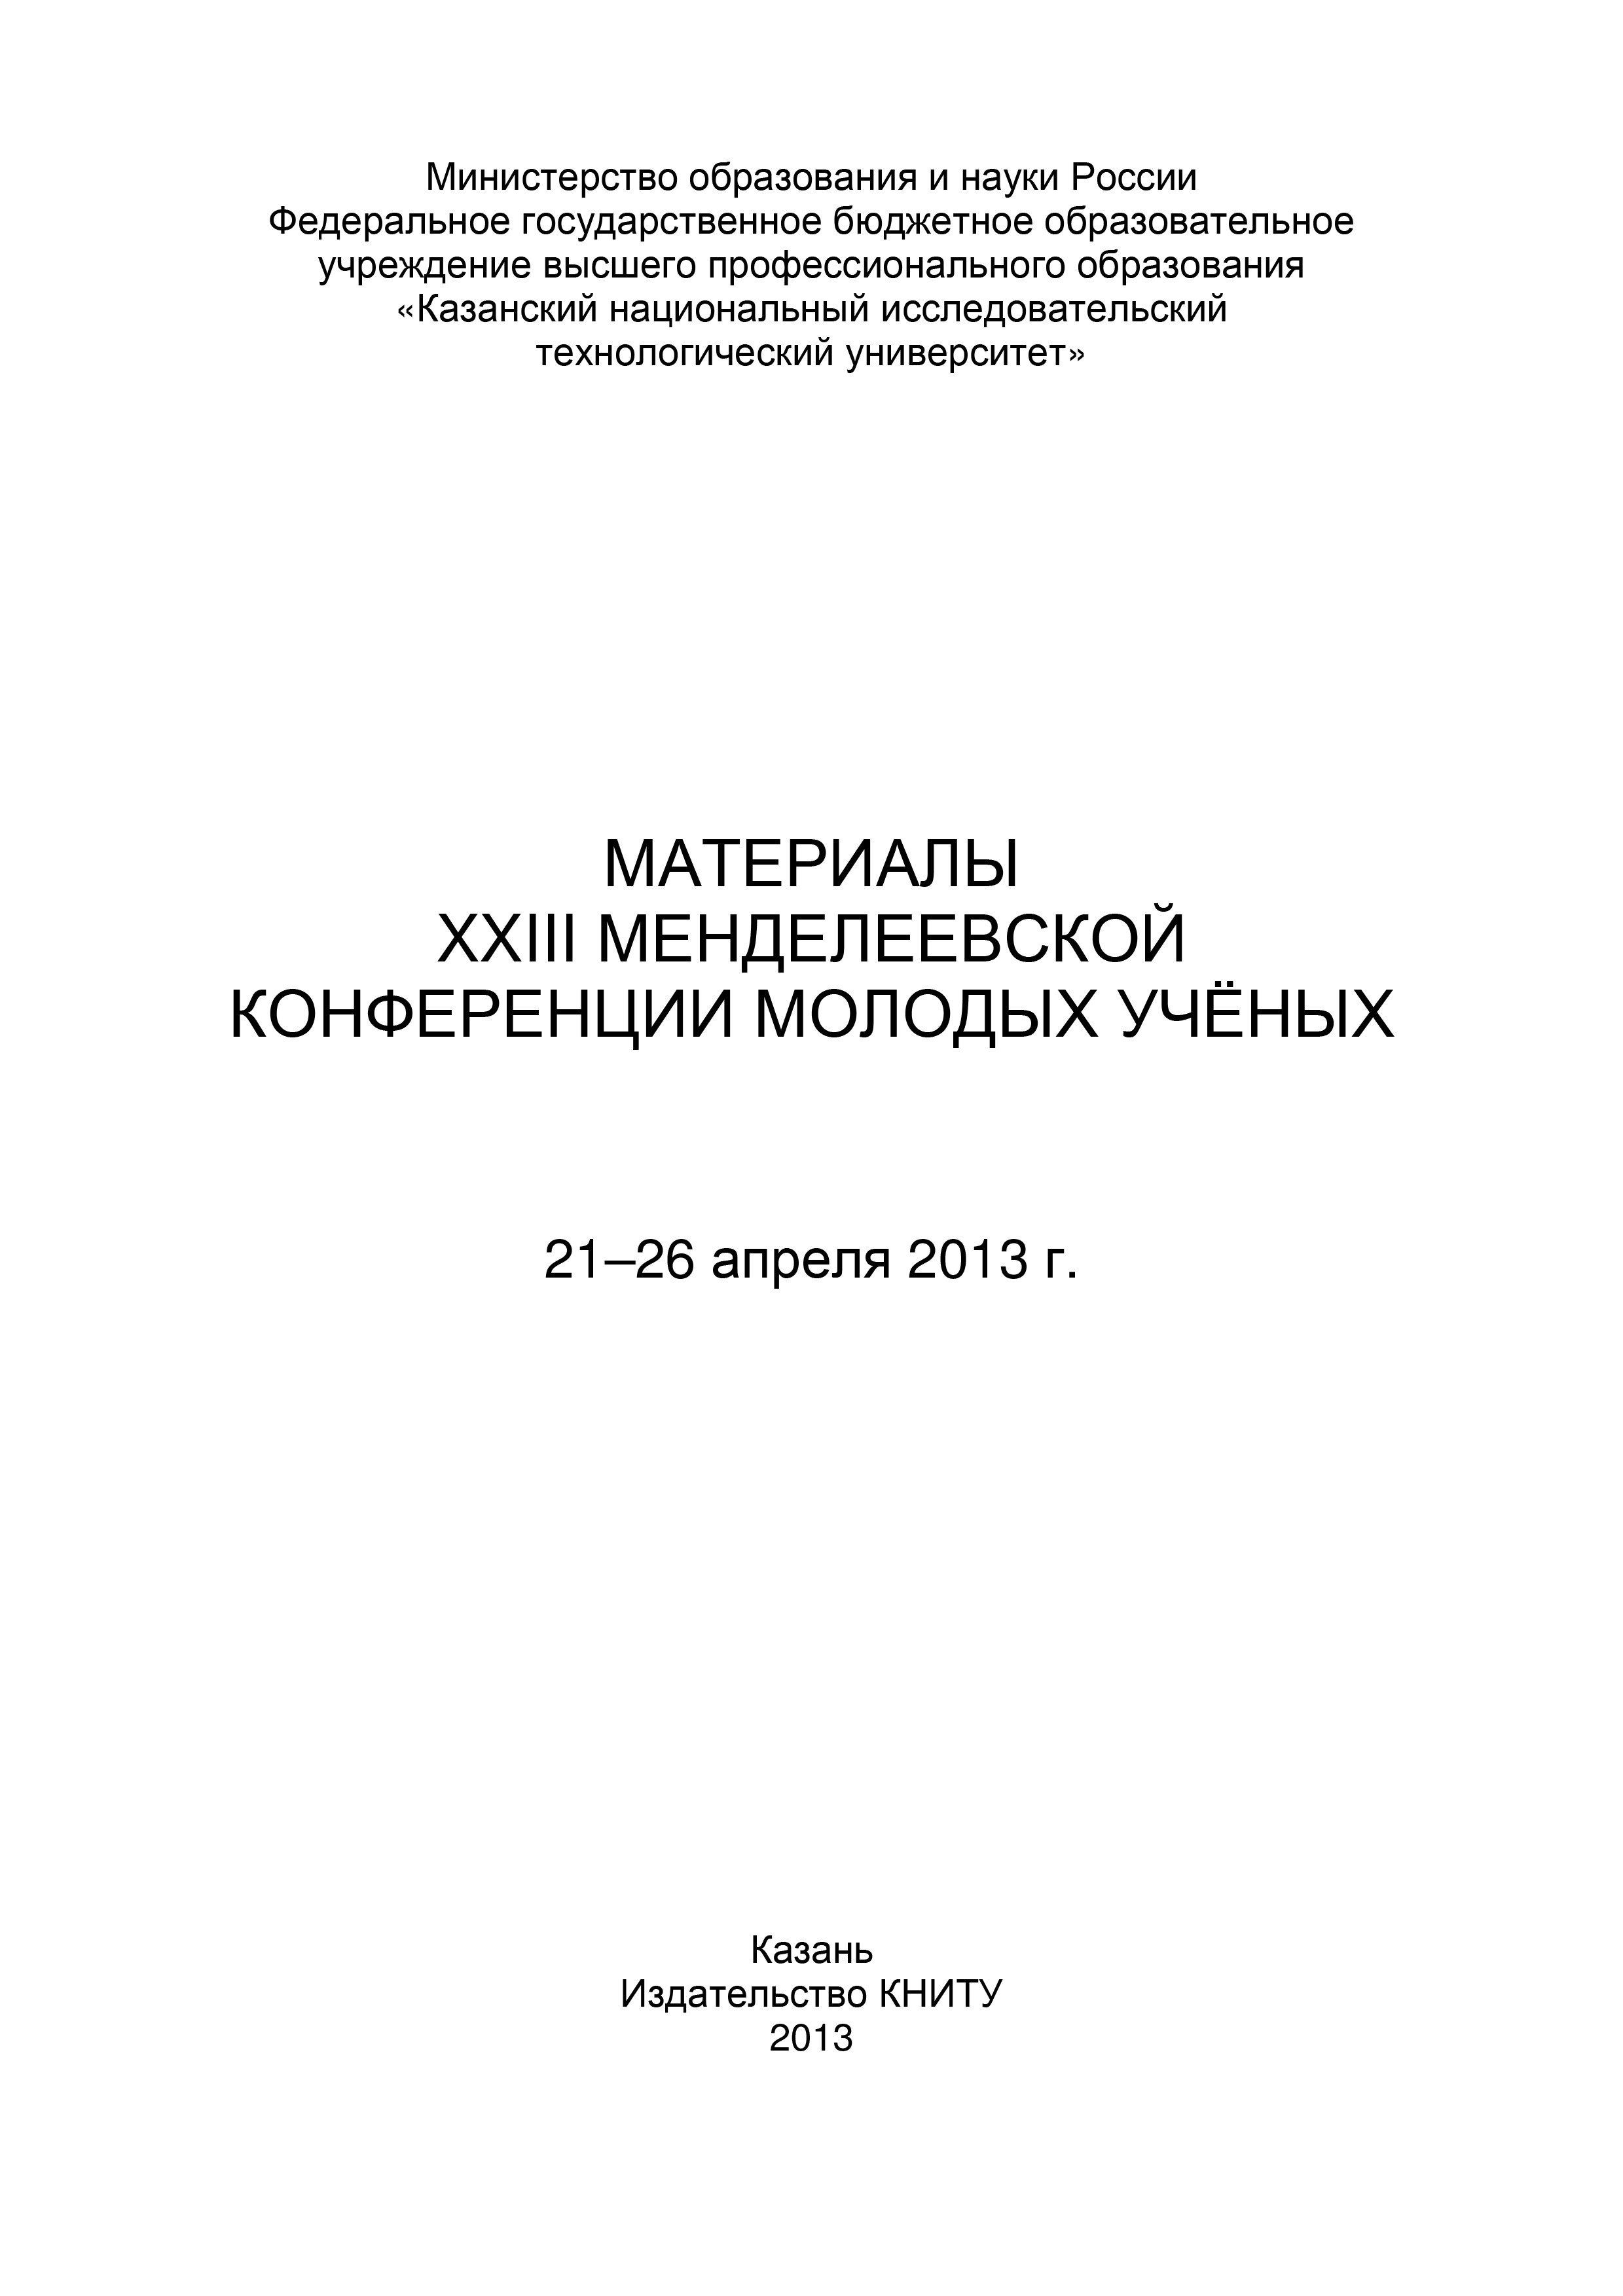 Коллектив авторов Материалы XXIII Менделеевской конференции молодых ученых, 21-26 апреля 2013 г.